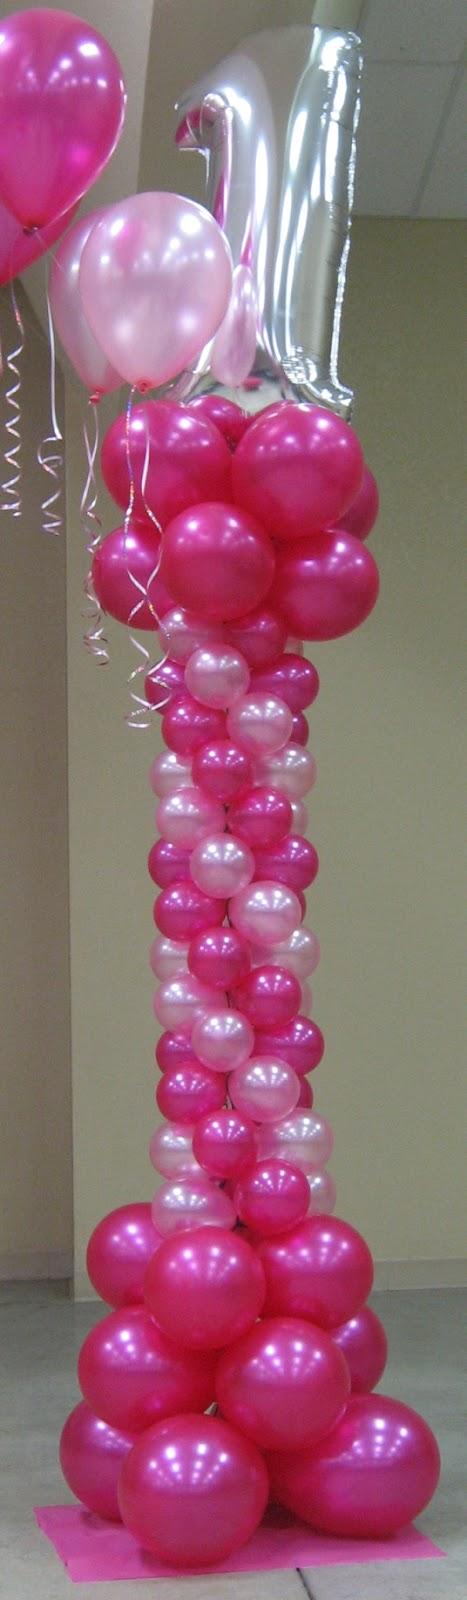 Decoraci n con globos c mo hacer una columna arcos con - Como decorar una columna ...